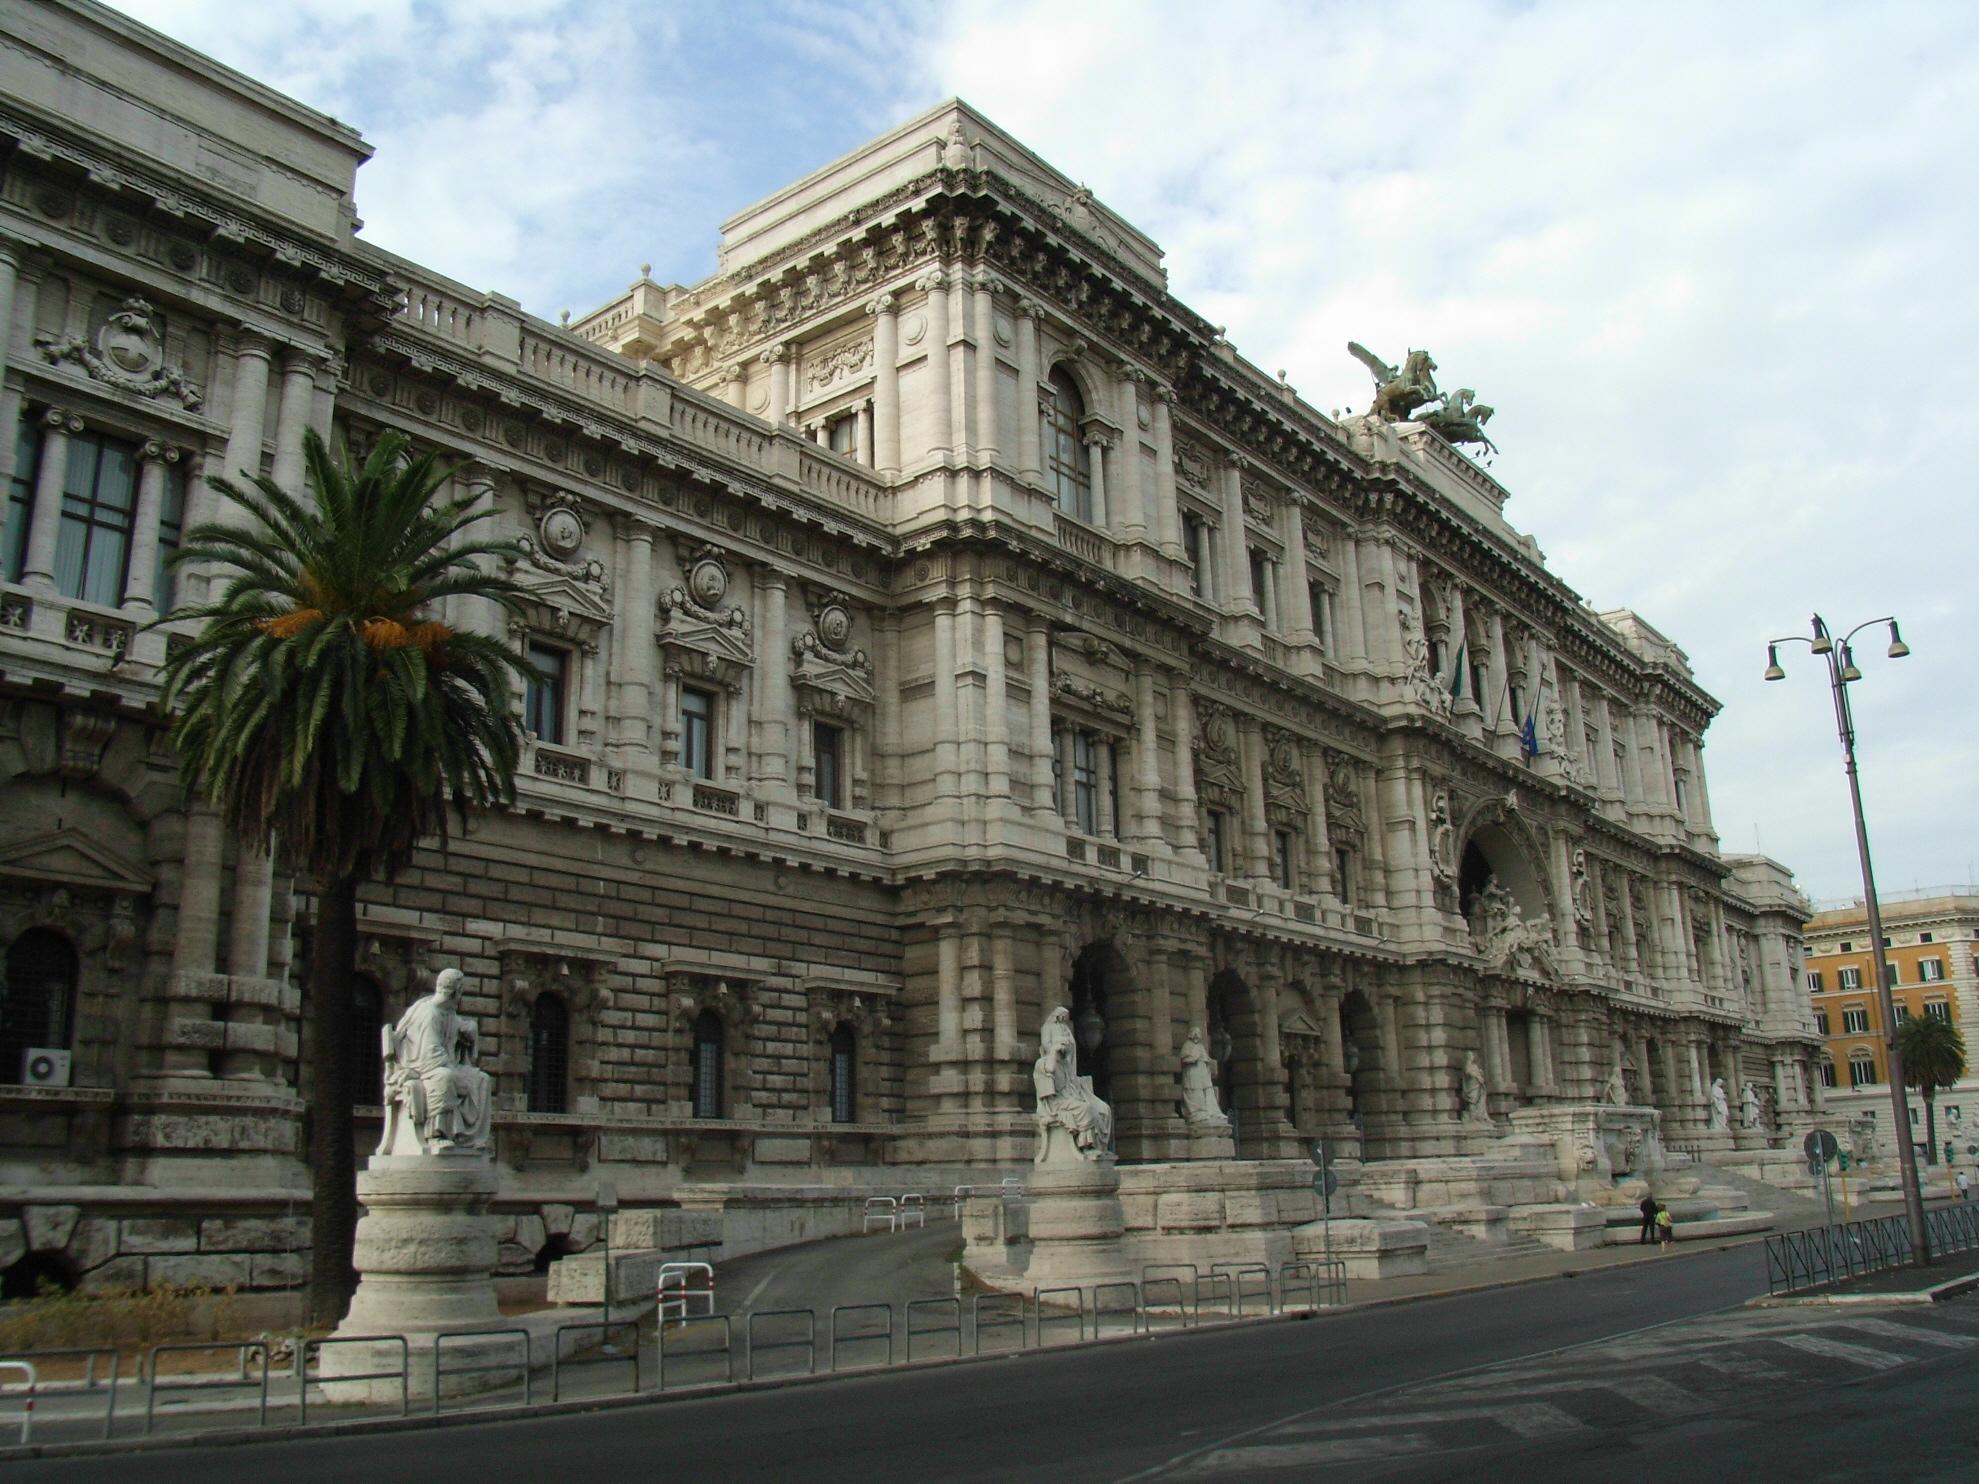 prescrizione_tempi_più_lunghi_riforma_processo_penale